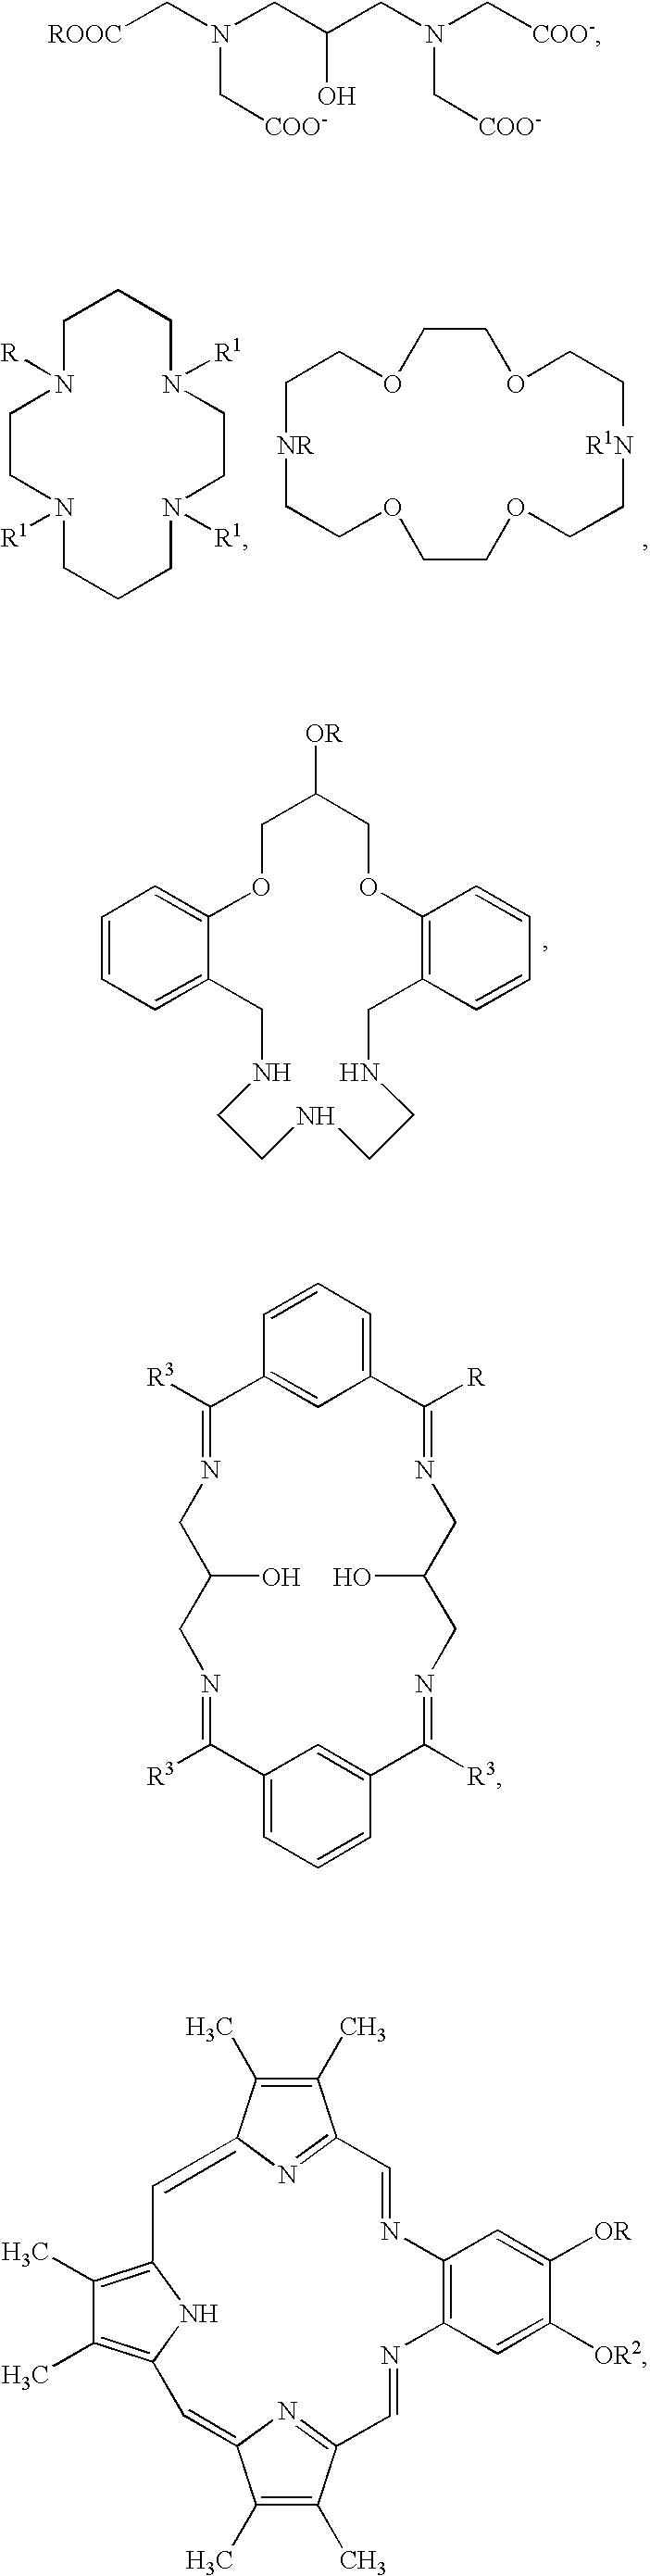 Figure US07786292-20100831-C00001